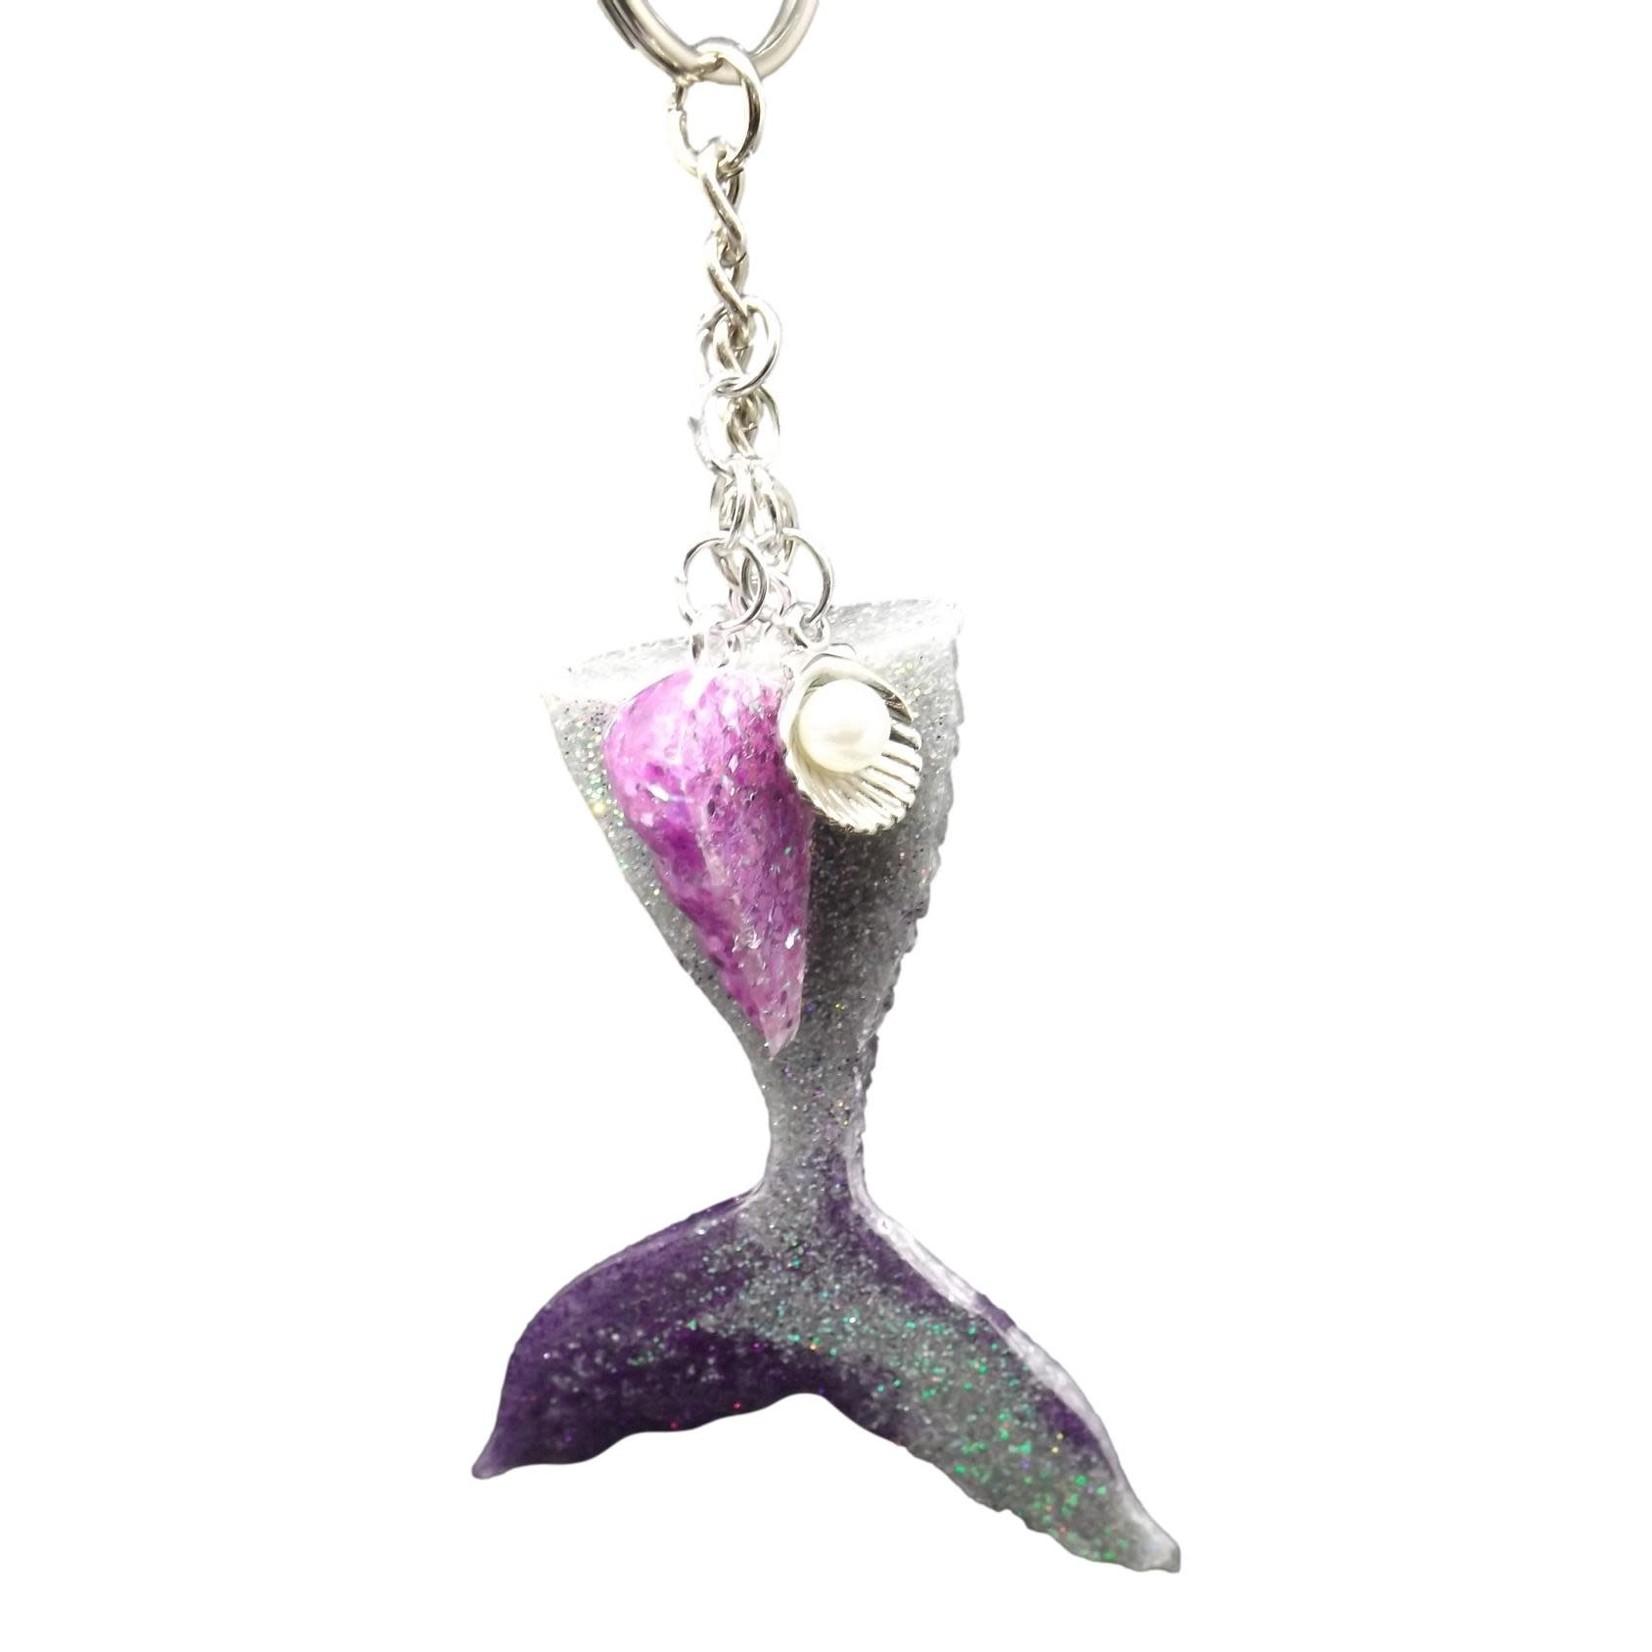 East Coast Sirens Silver & Purple Mermaid Tail Keychain